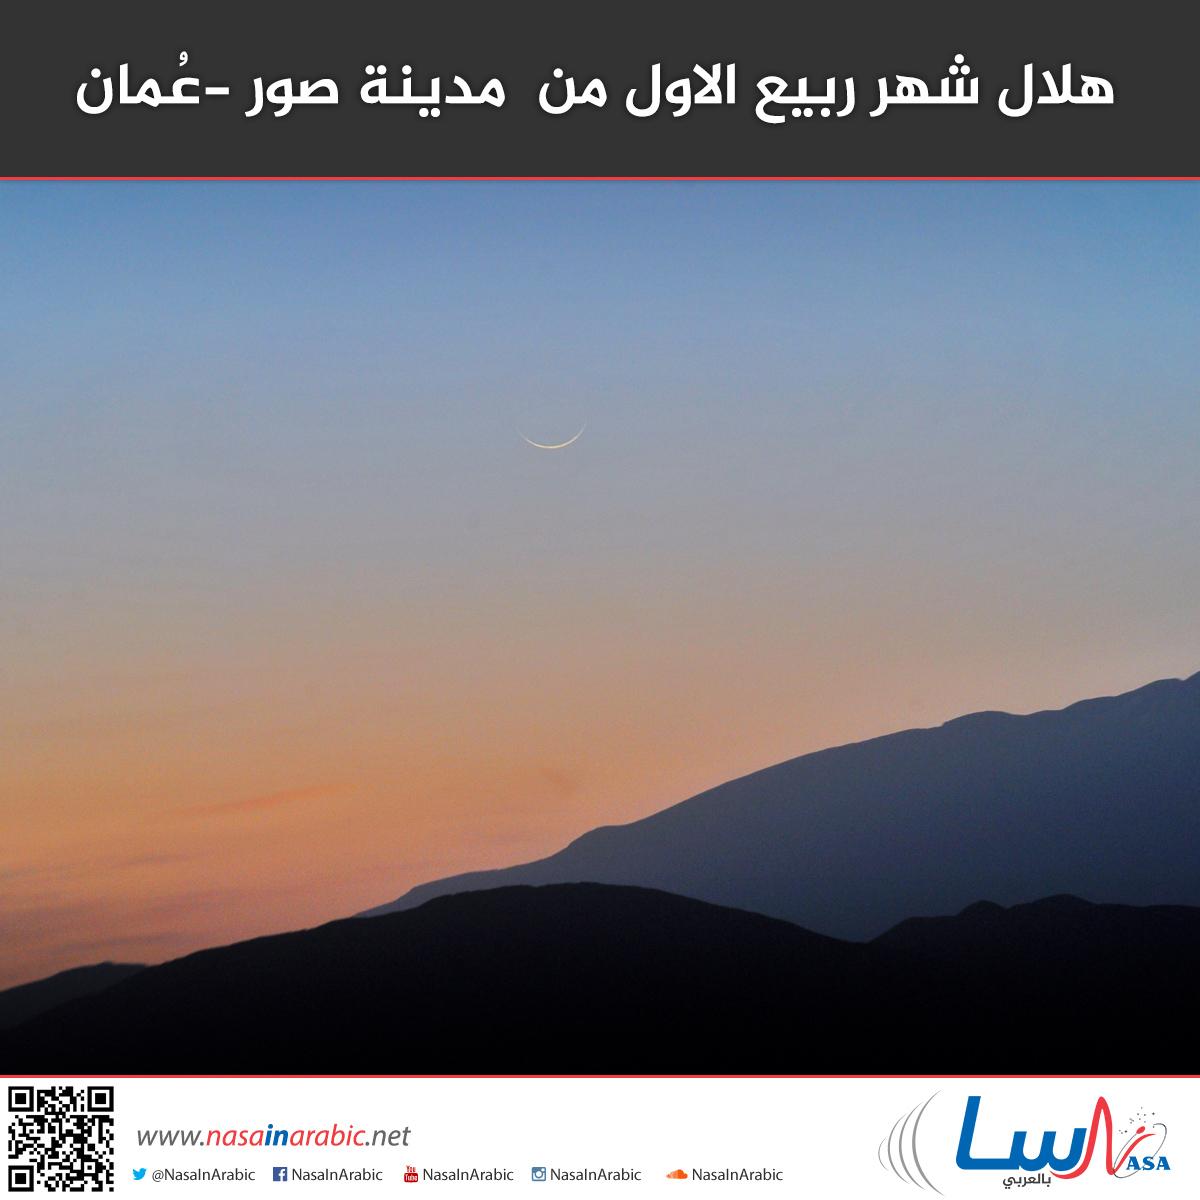 هلال شهر ربيع الاول من  مدينة صور -عمان